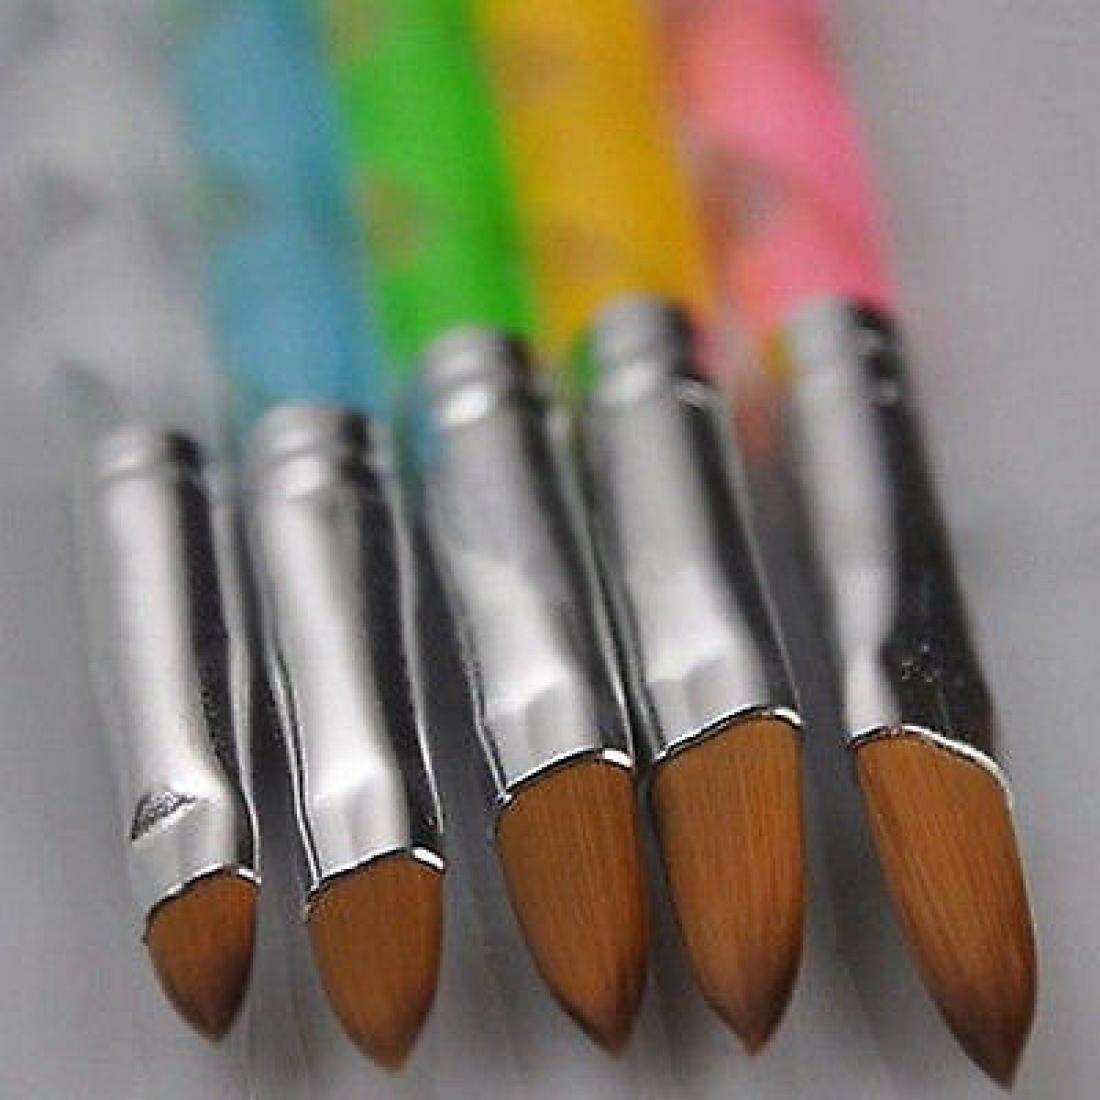 3d Painting Uv Gel Nail Art Brushes Pen Tool 5pcs Acrylic Drawing